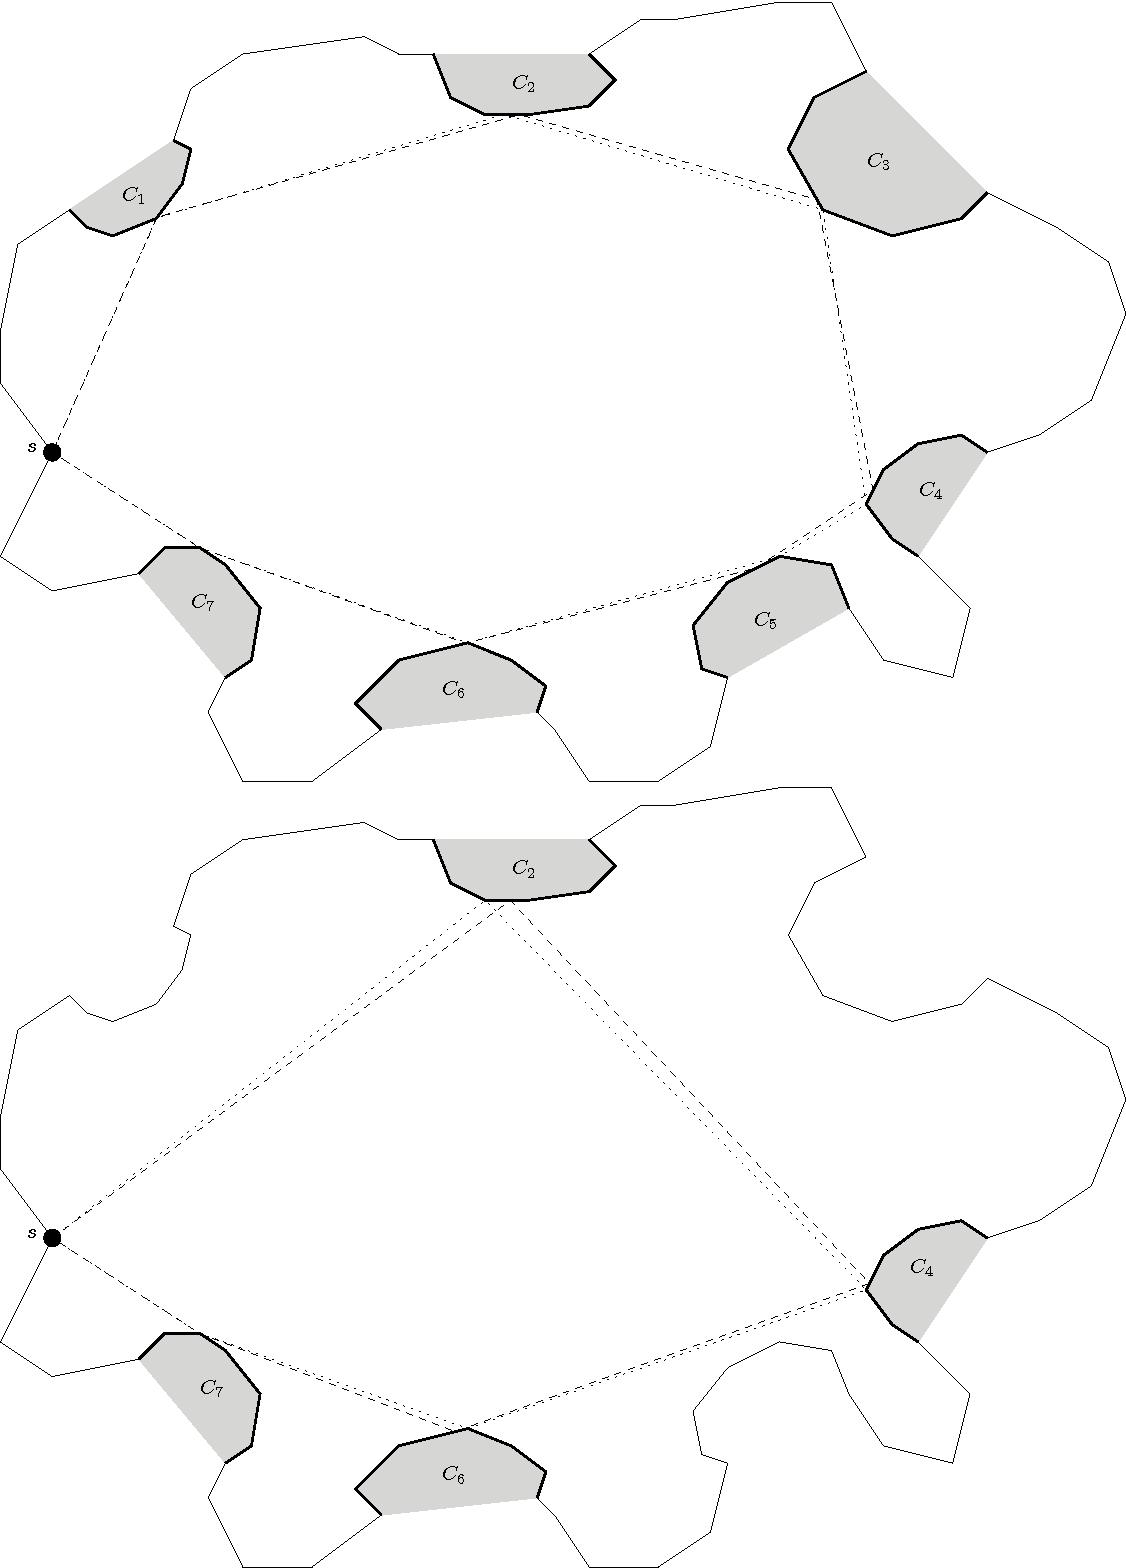 Figure 13: Zoo 4